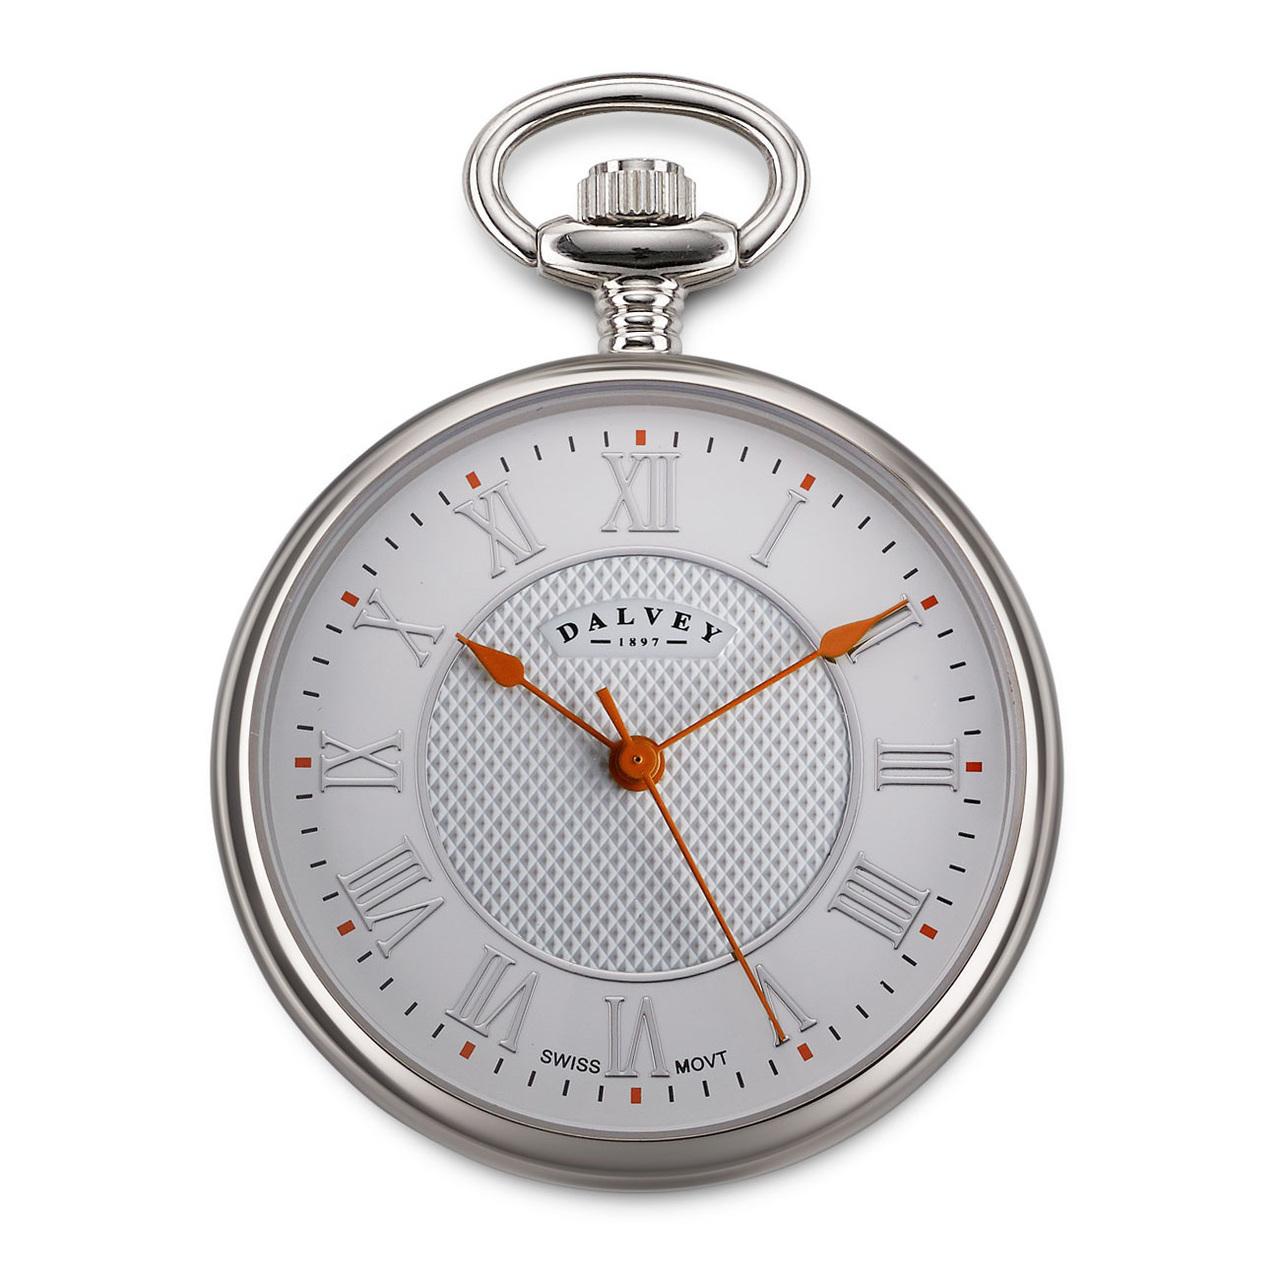 Dalvey 3308 orologio da taschino - Dalvey orologio da tavolo ...